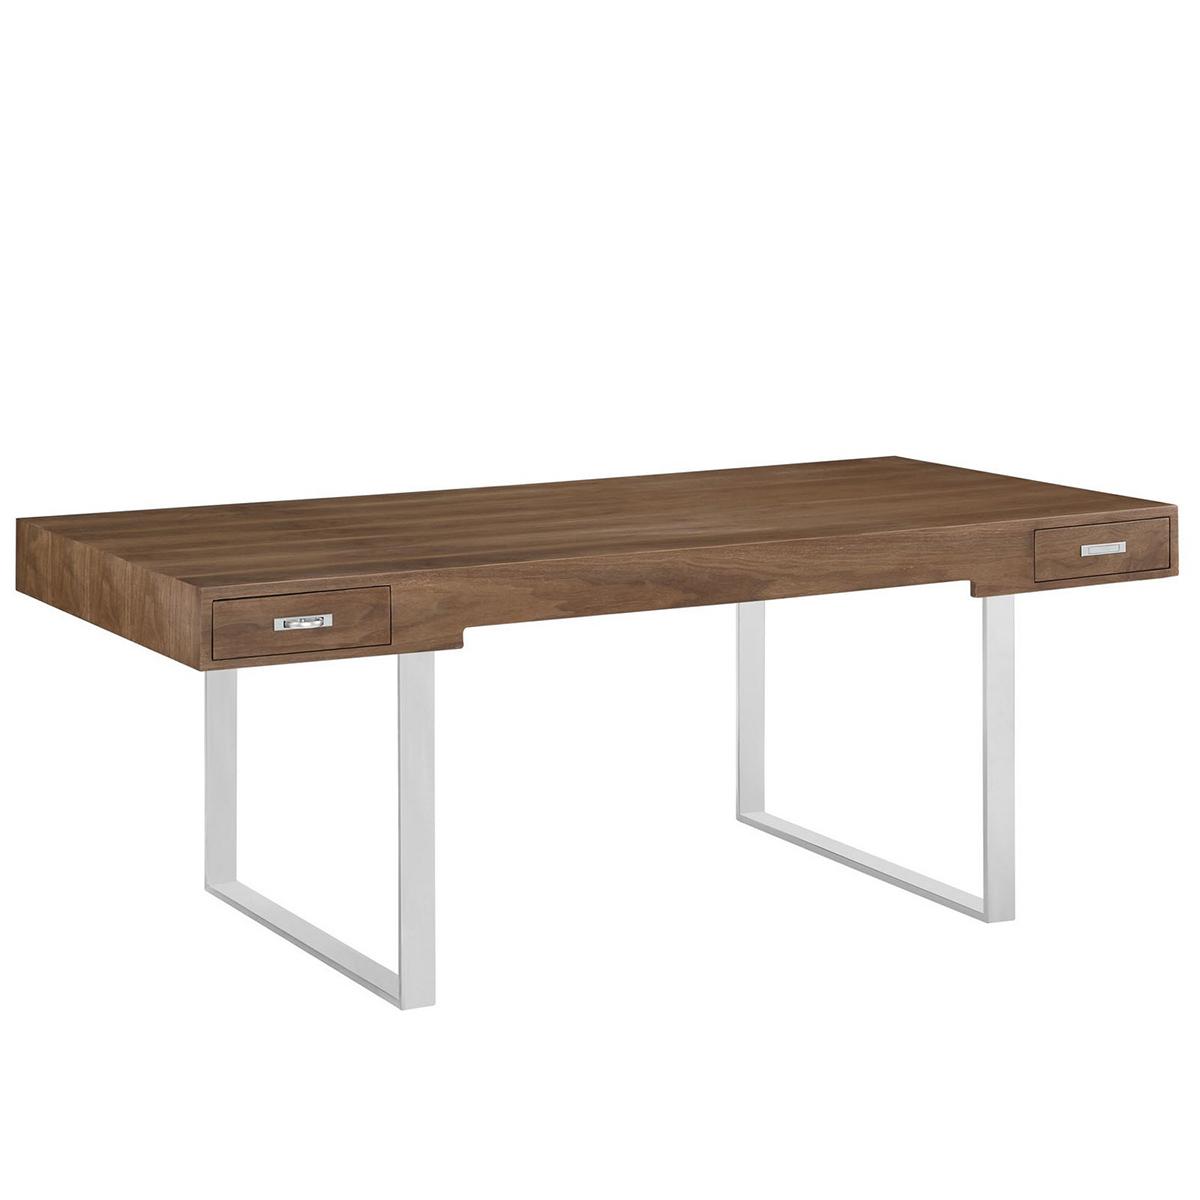 Modway Tinker Office Desk - Walnut